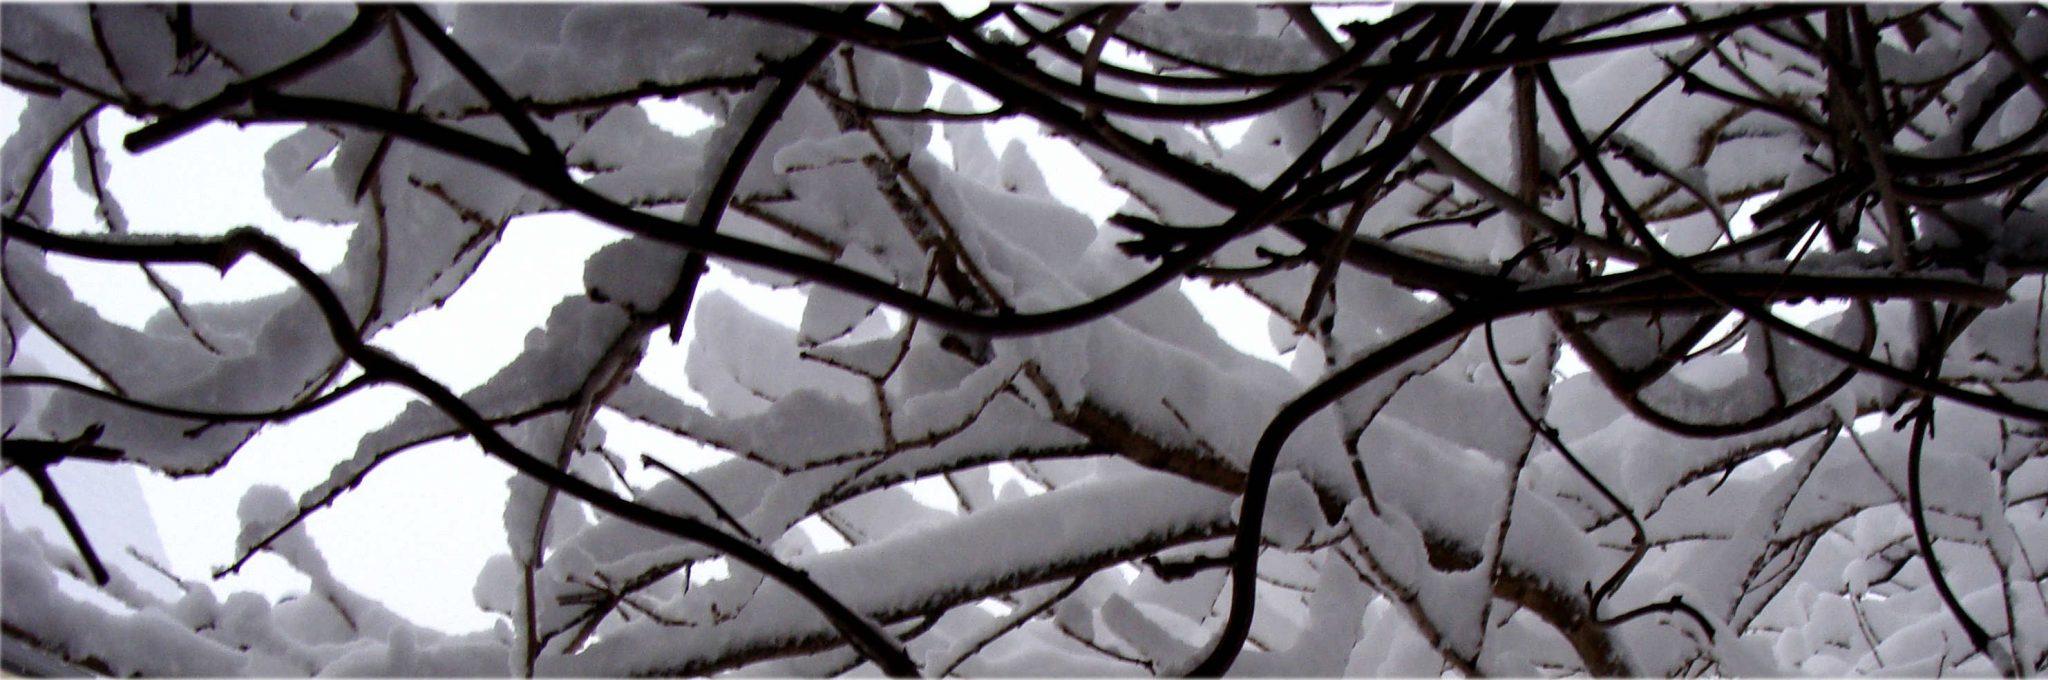 blanket of snowfall